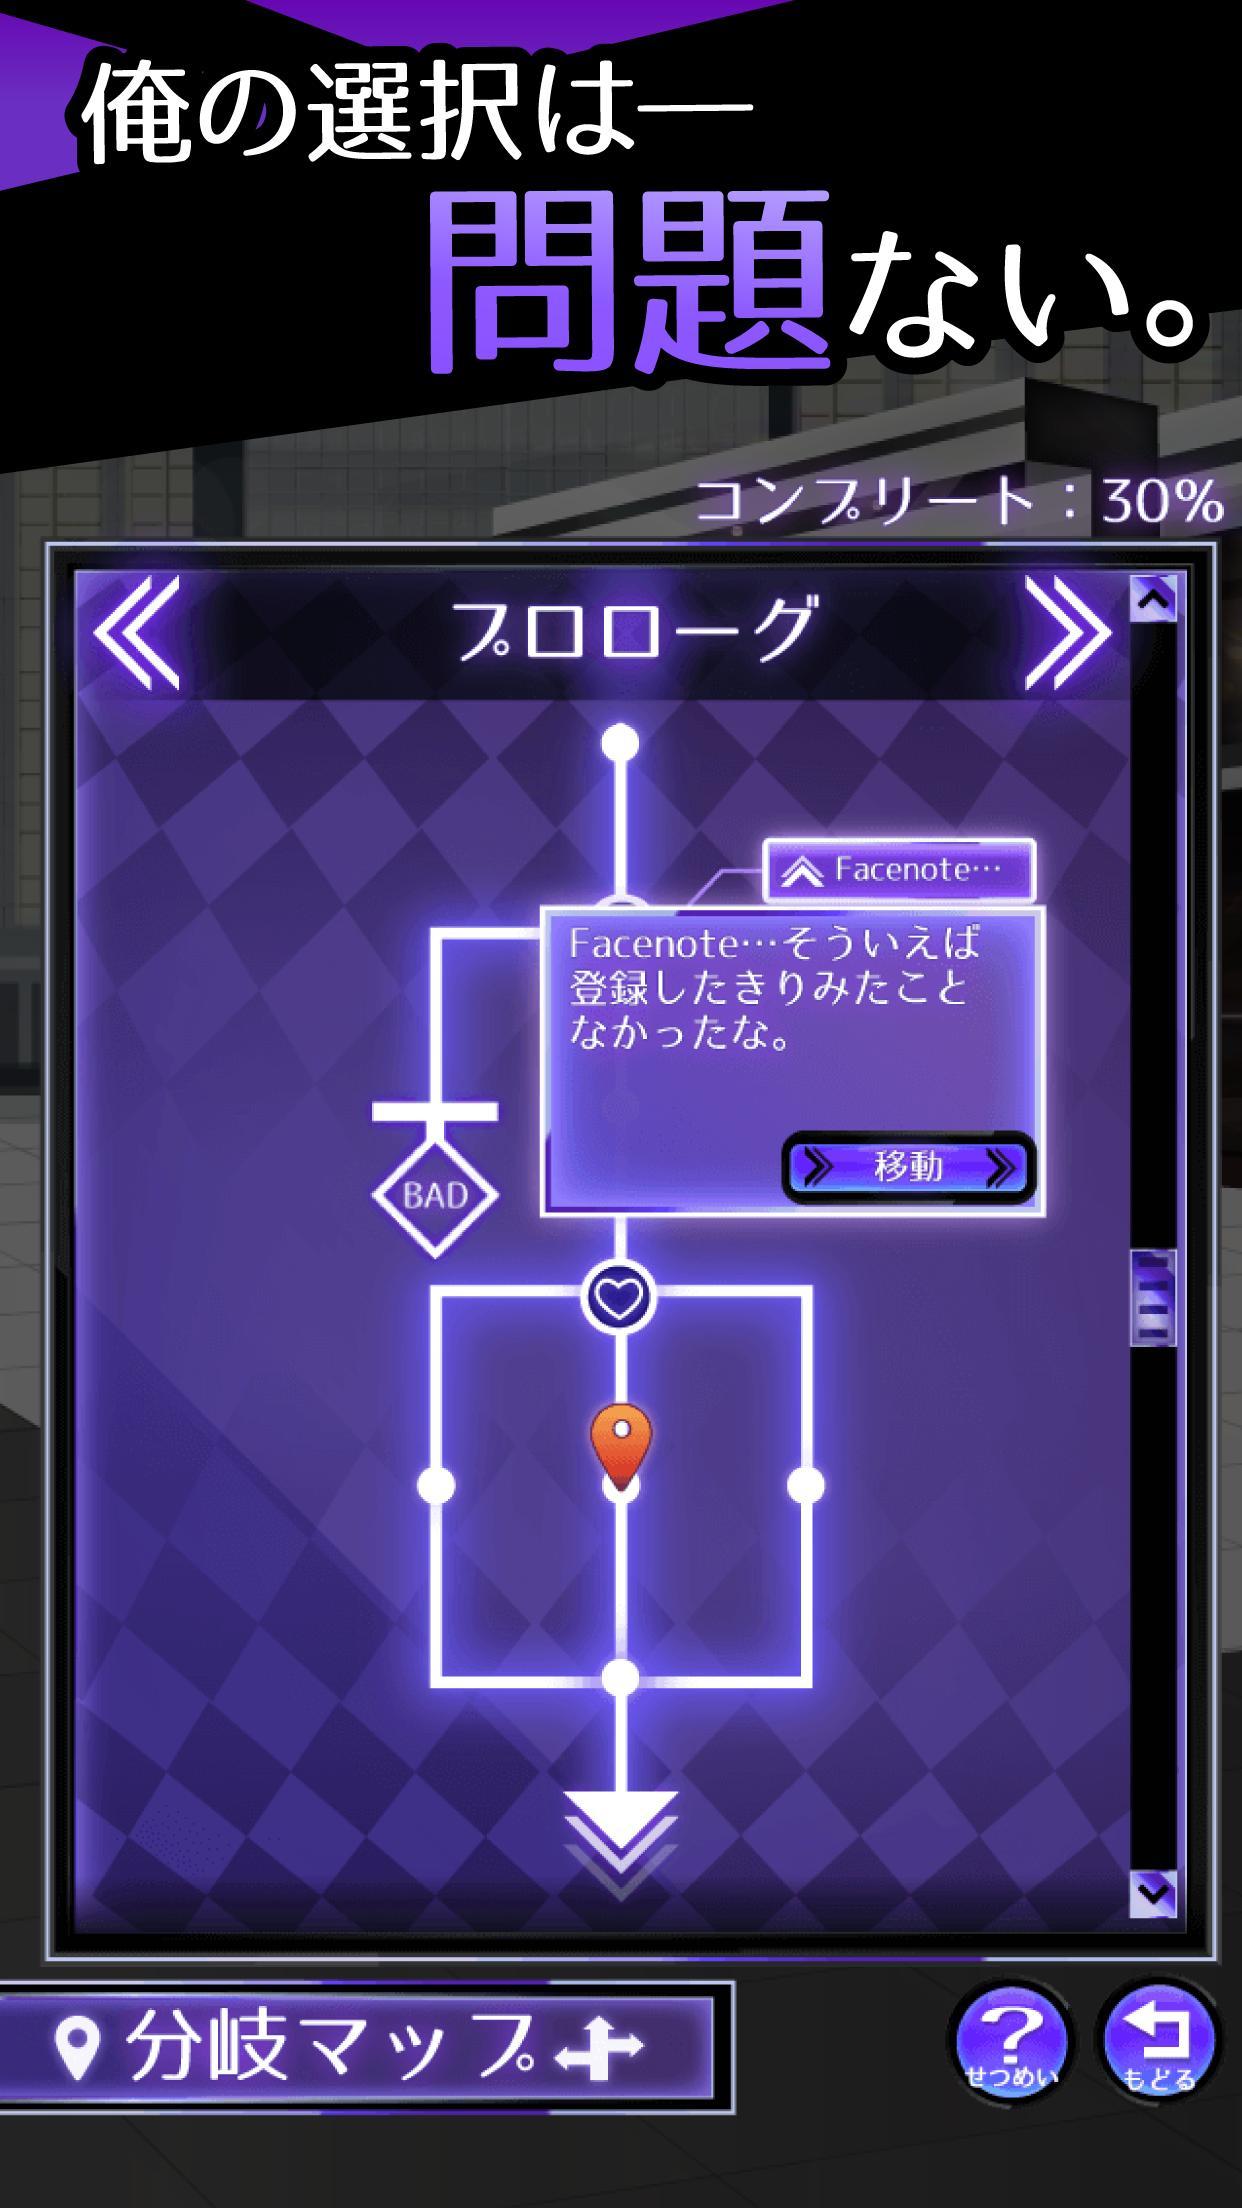 元カノは友達だから問題ない 1.6.0 Screenshot 5